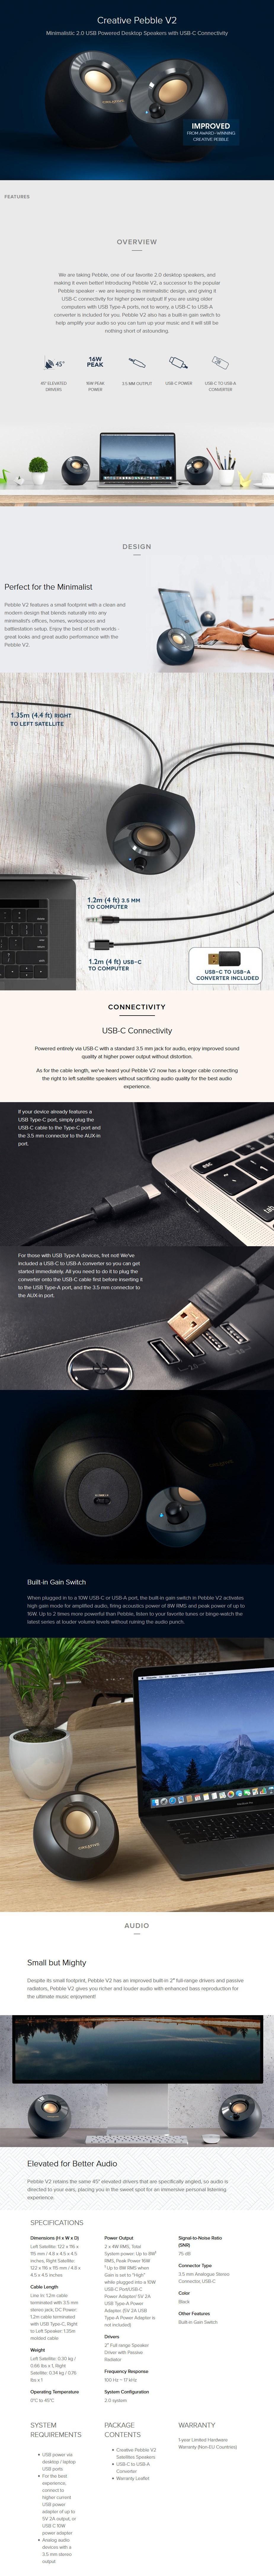 Creative Pebble v2 USB-C Speaker - Overview 1